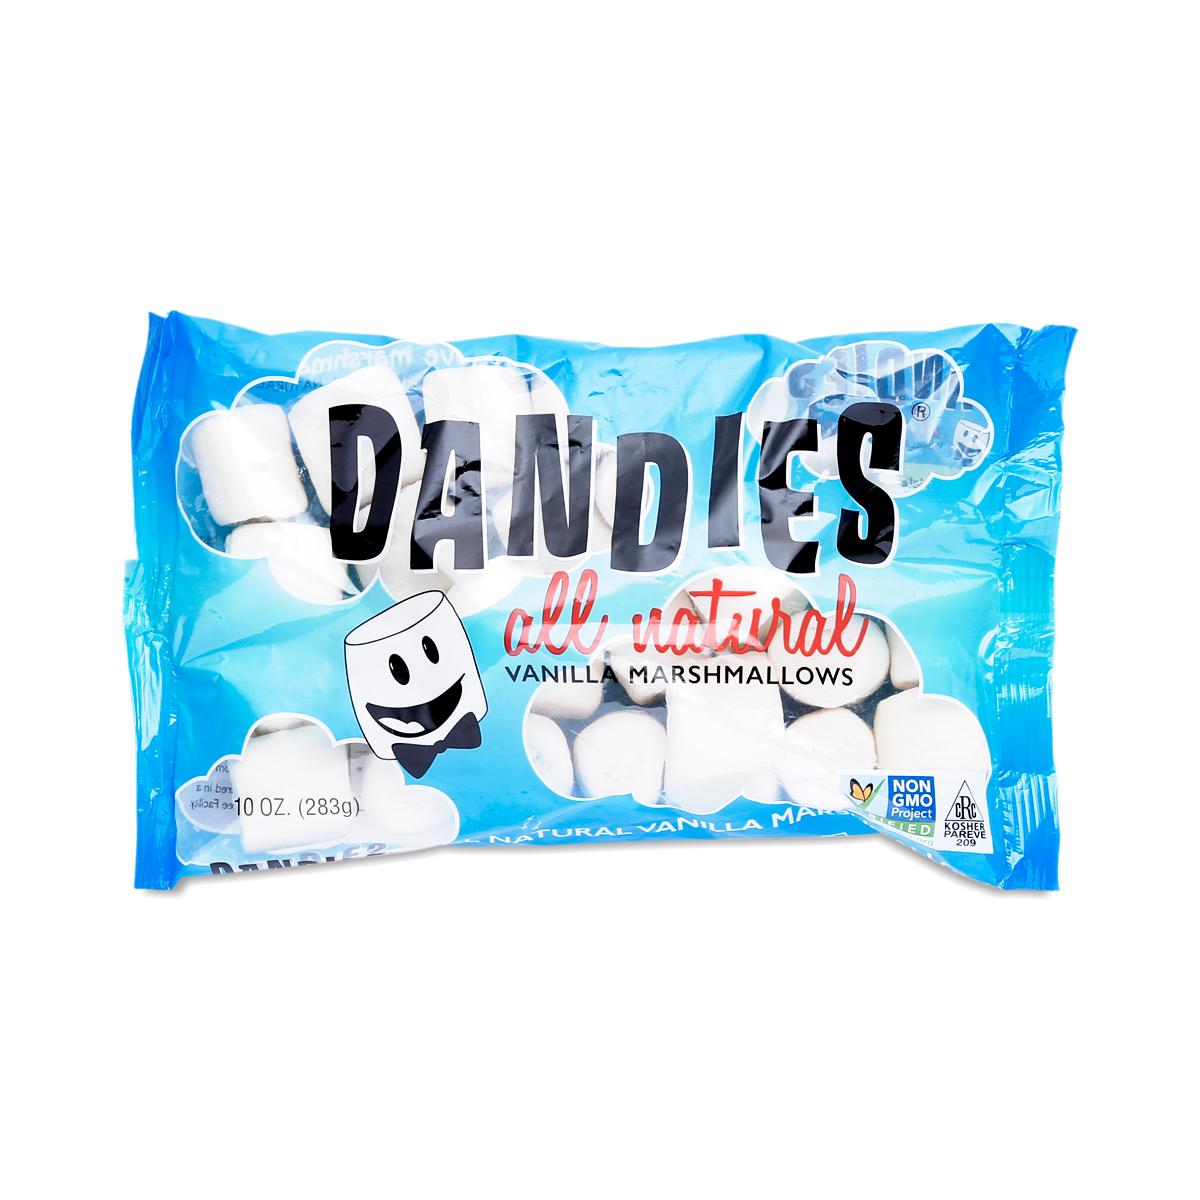 Dandies Original Vanilla Marshmallows- Vegan 10 oz bag